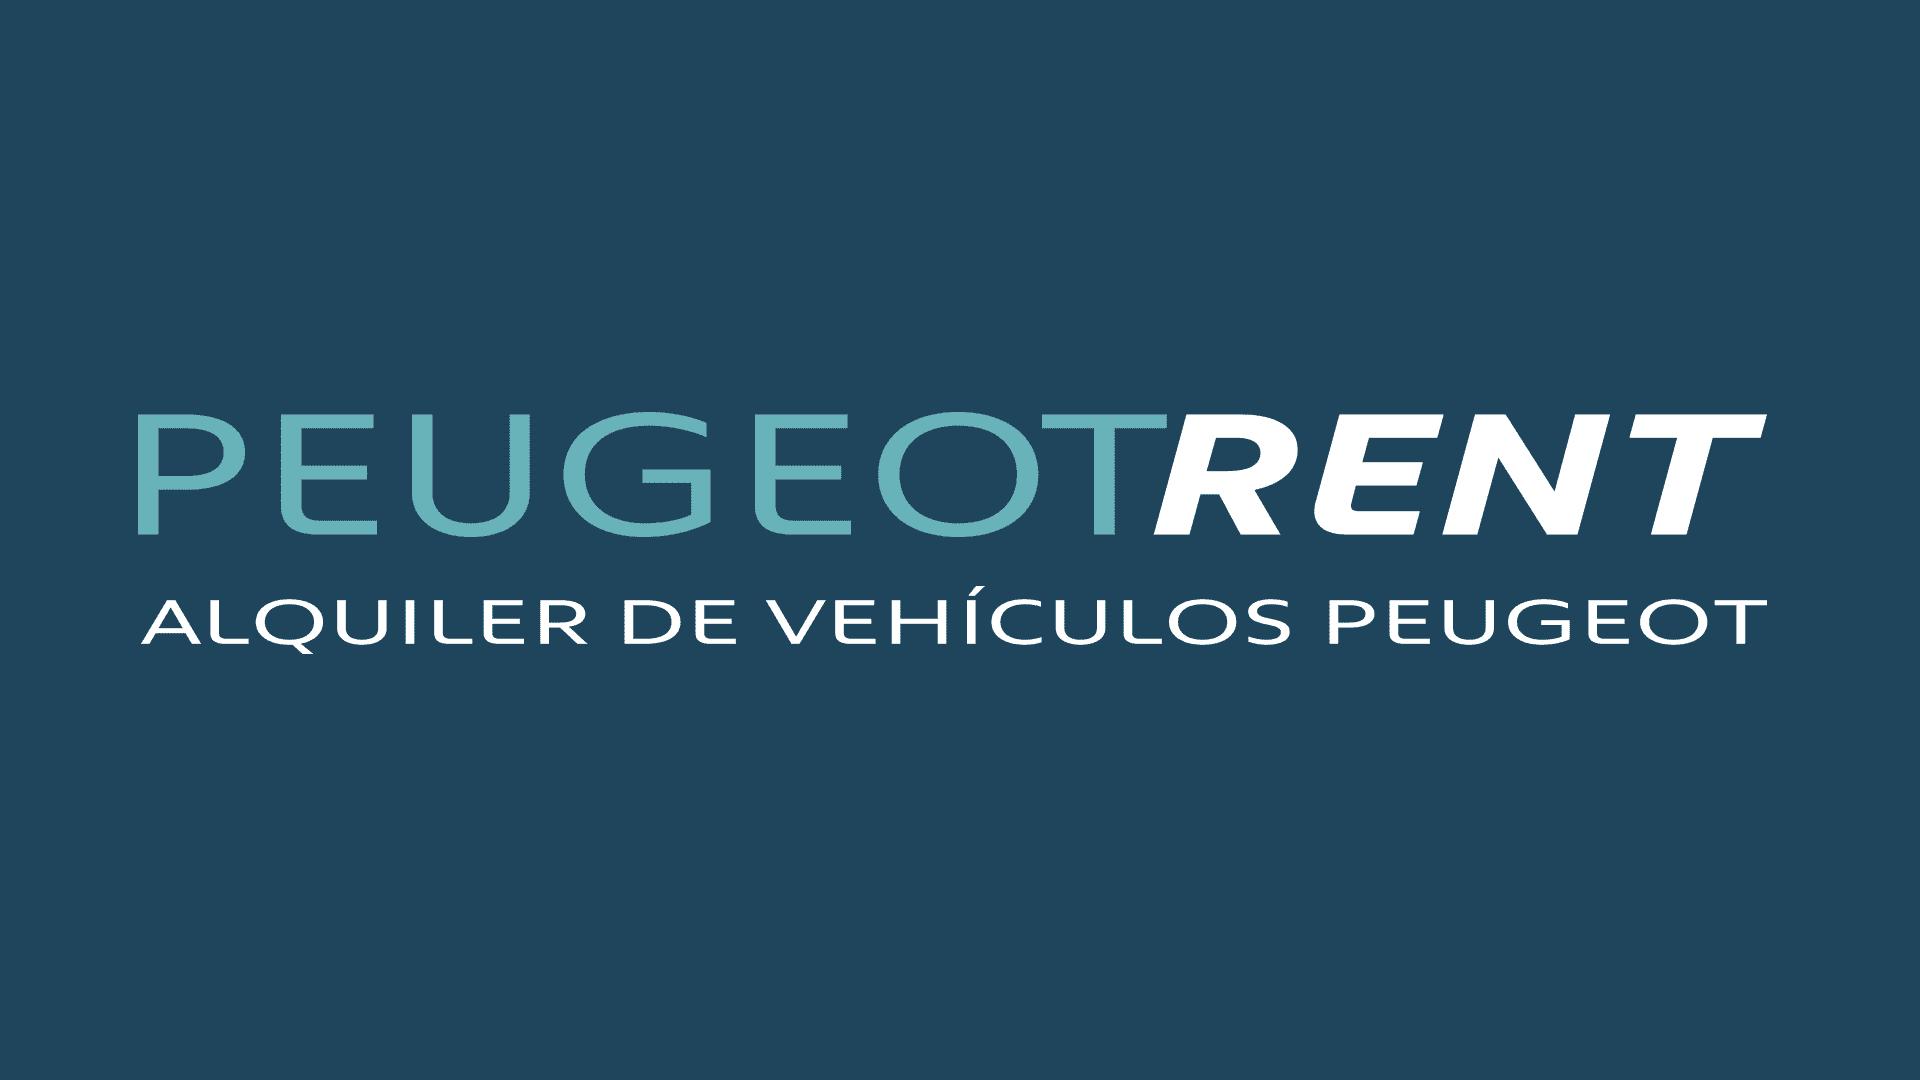 Peugeot Rent - Vehículos de Alquiler